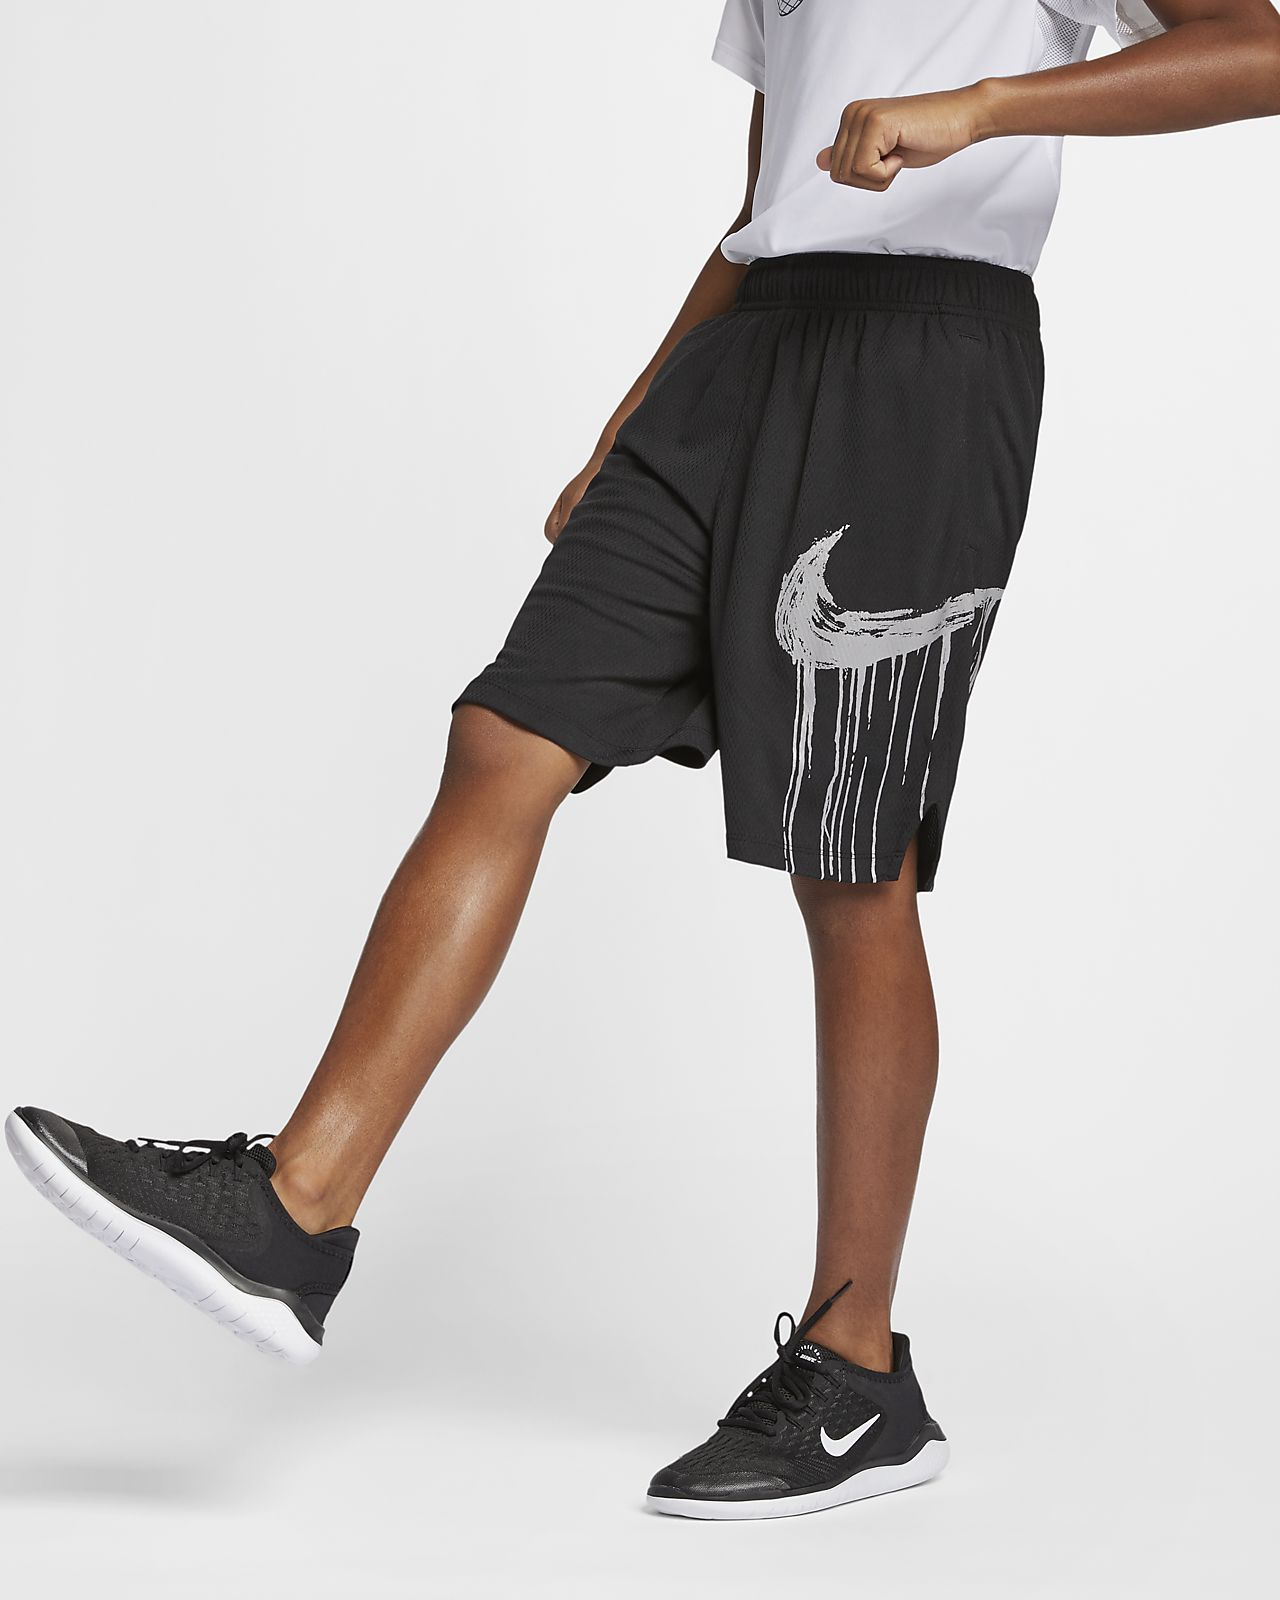 Shorts de entrenamiento con estampado gráfico para niños talla grande Nike Dri-FIT